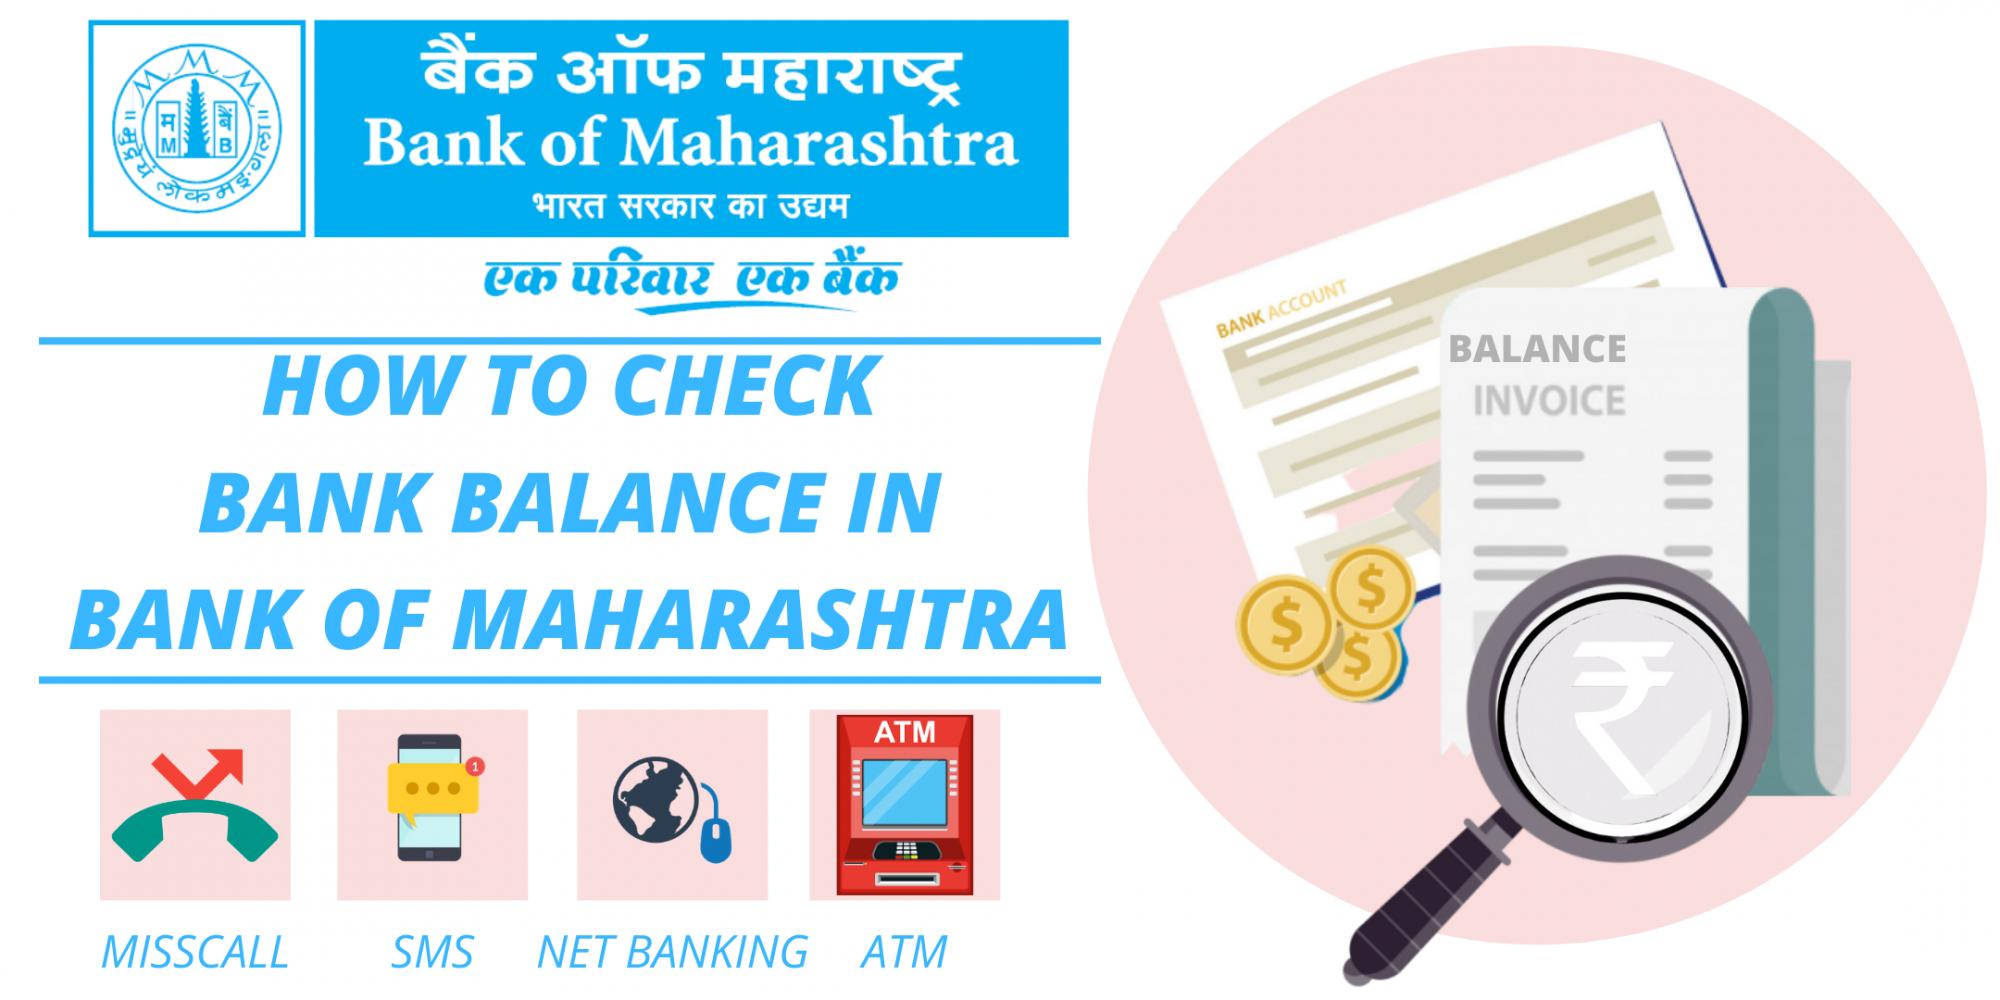 Check Bank Balance in Bank of Maharashtra